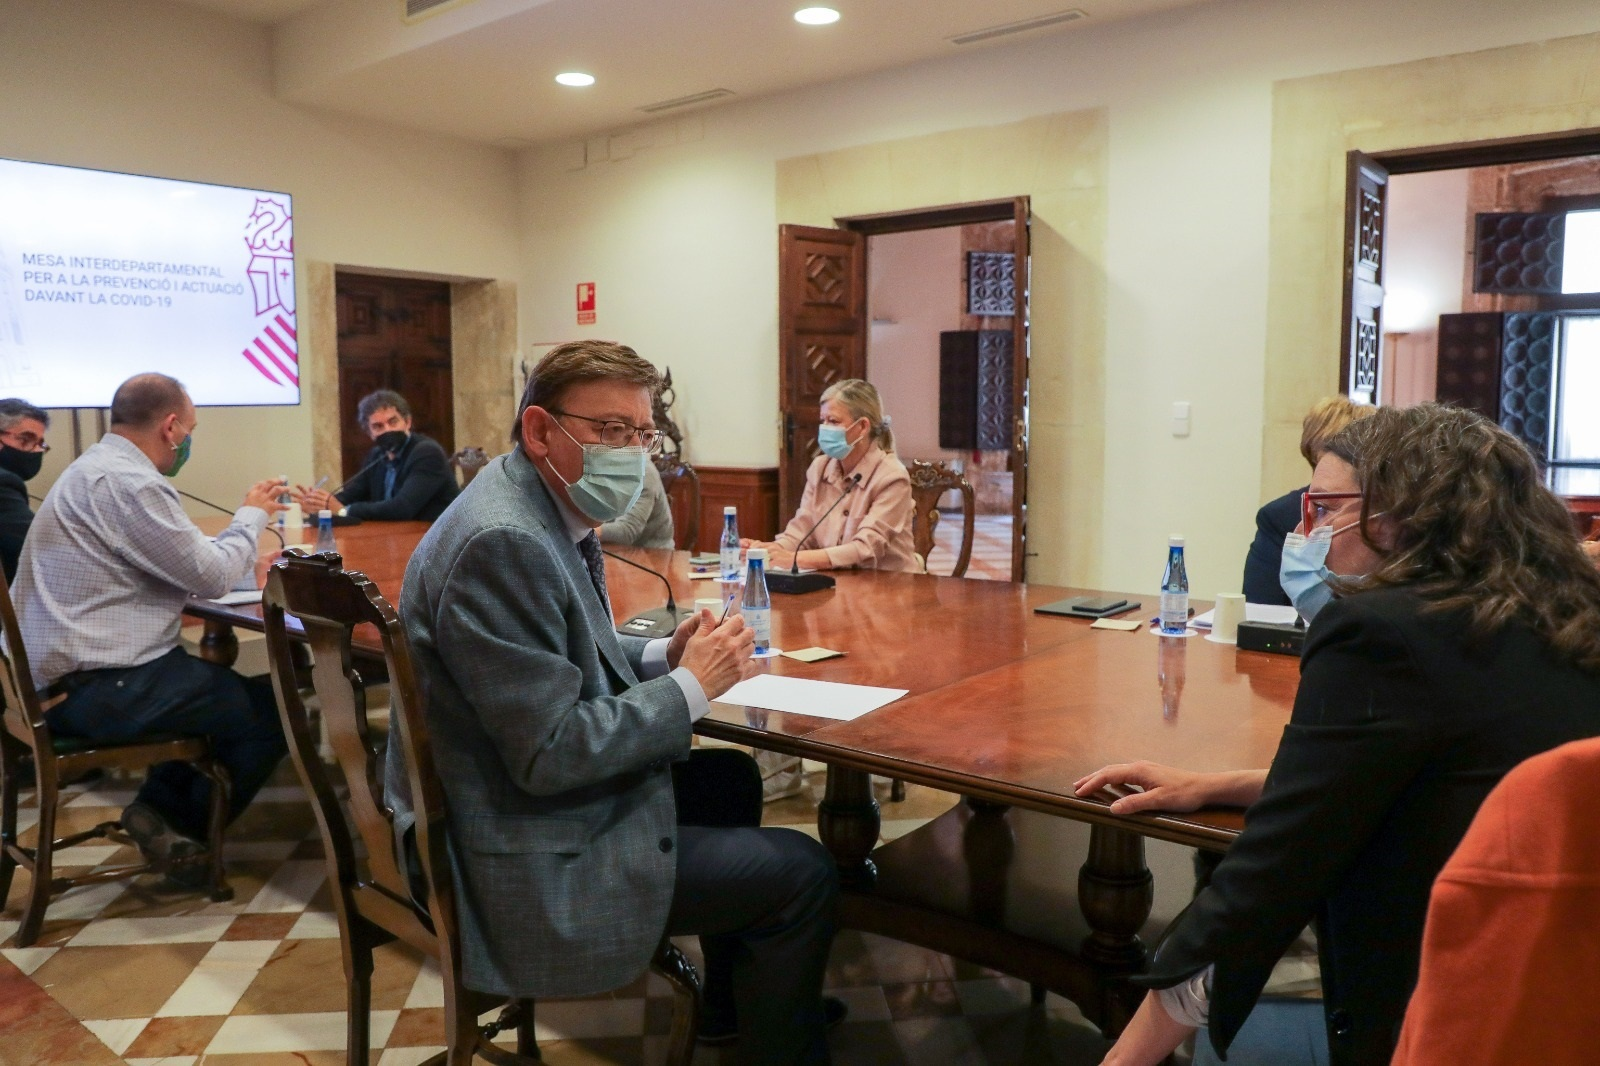 El presidente Ximo Puig conversa con la vicepresidenta Mónica Oltra, en la comisión interdepartamental.